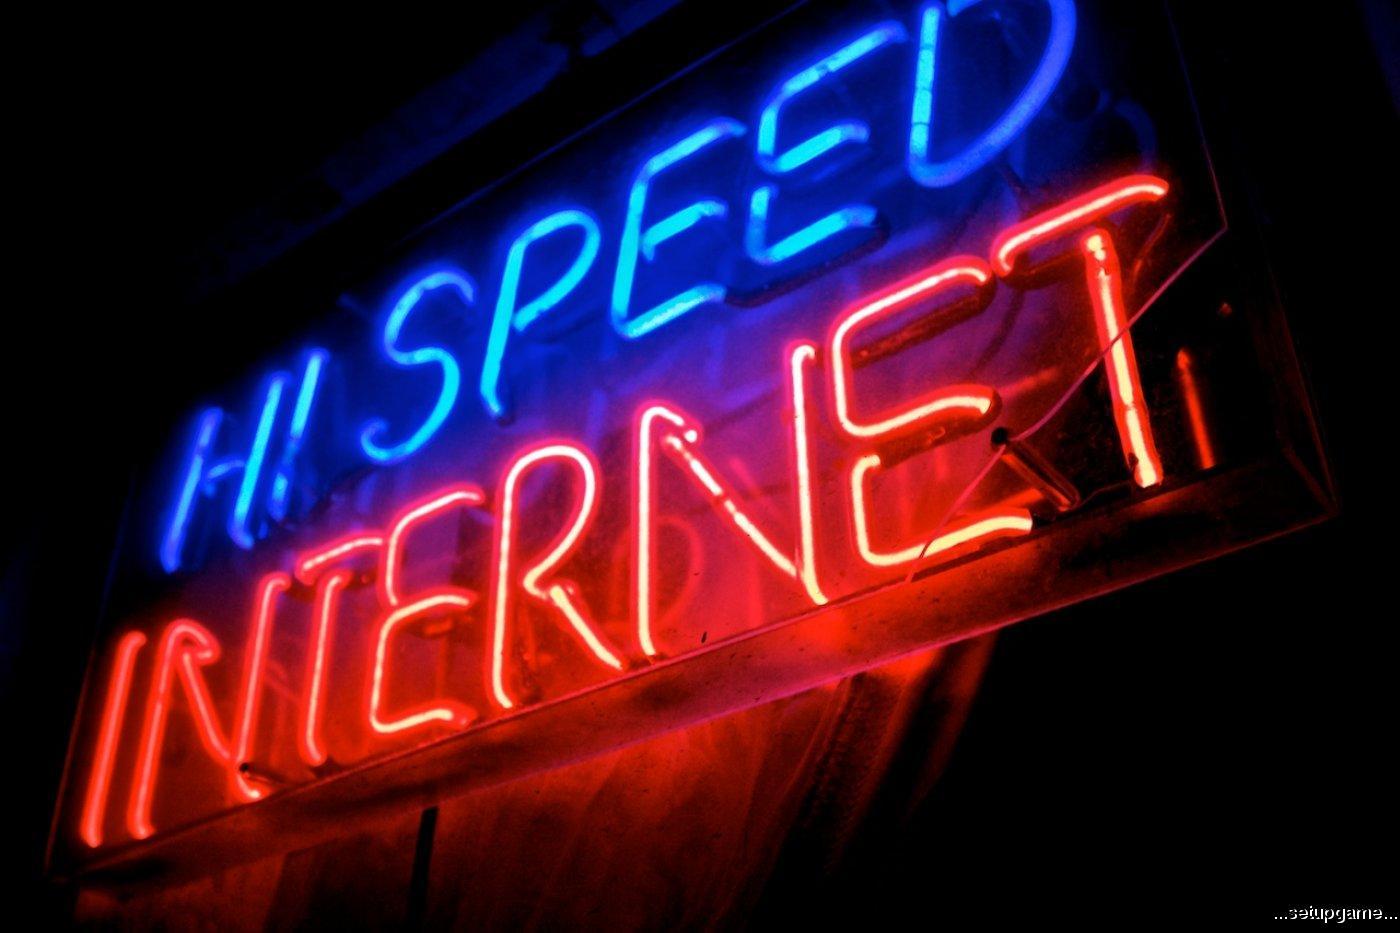 شکستن رکورد سرعت اینترنت موبایل در کشور توسط همراه اول